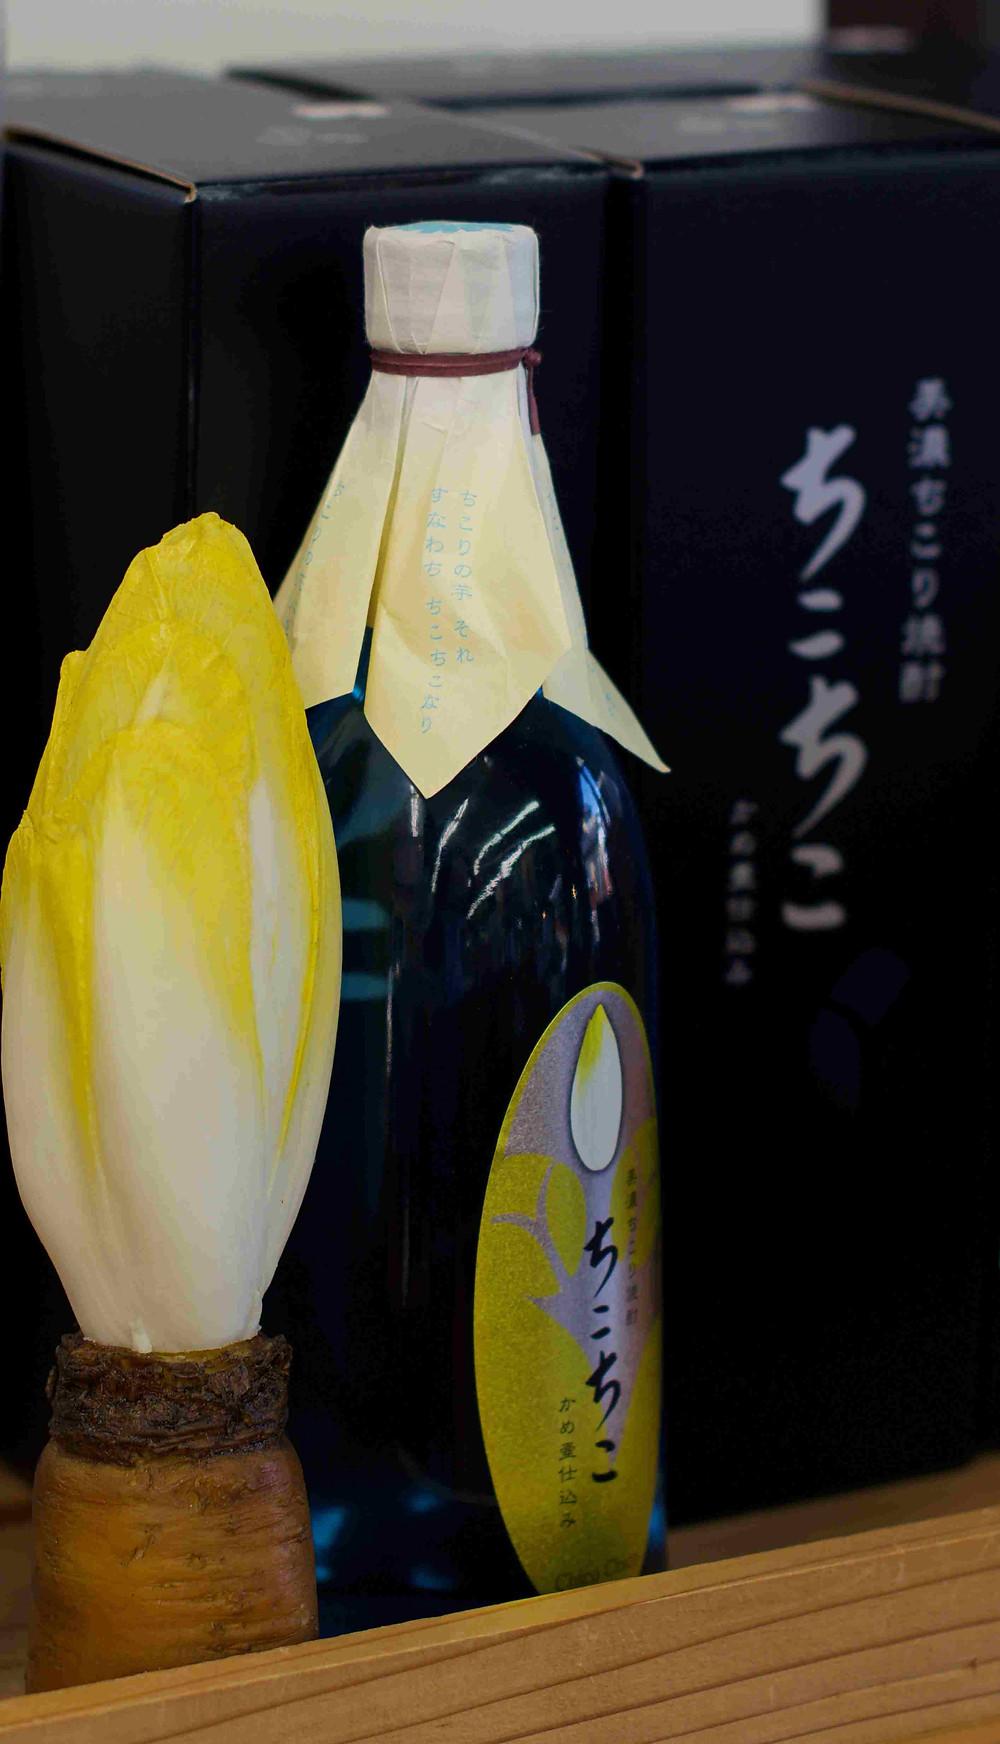 shochu alcool japonais endive liqueur japon box